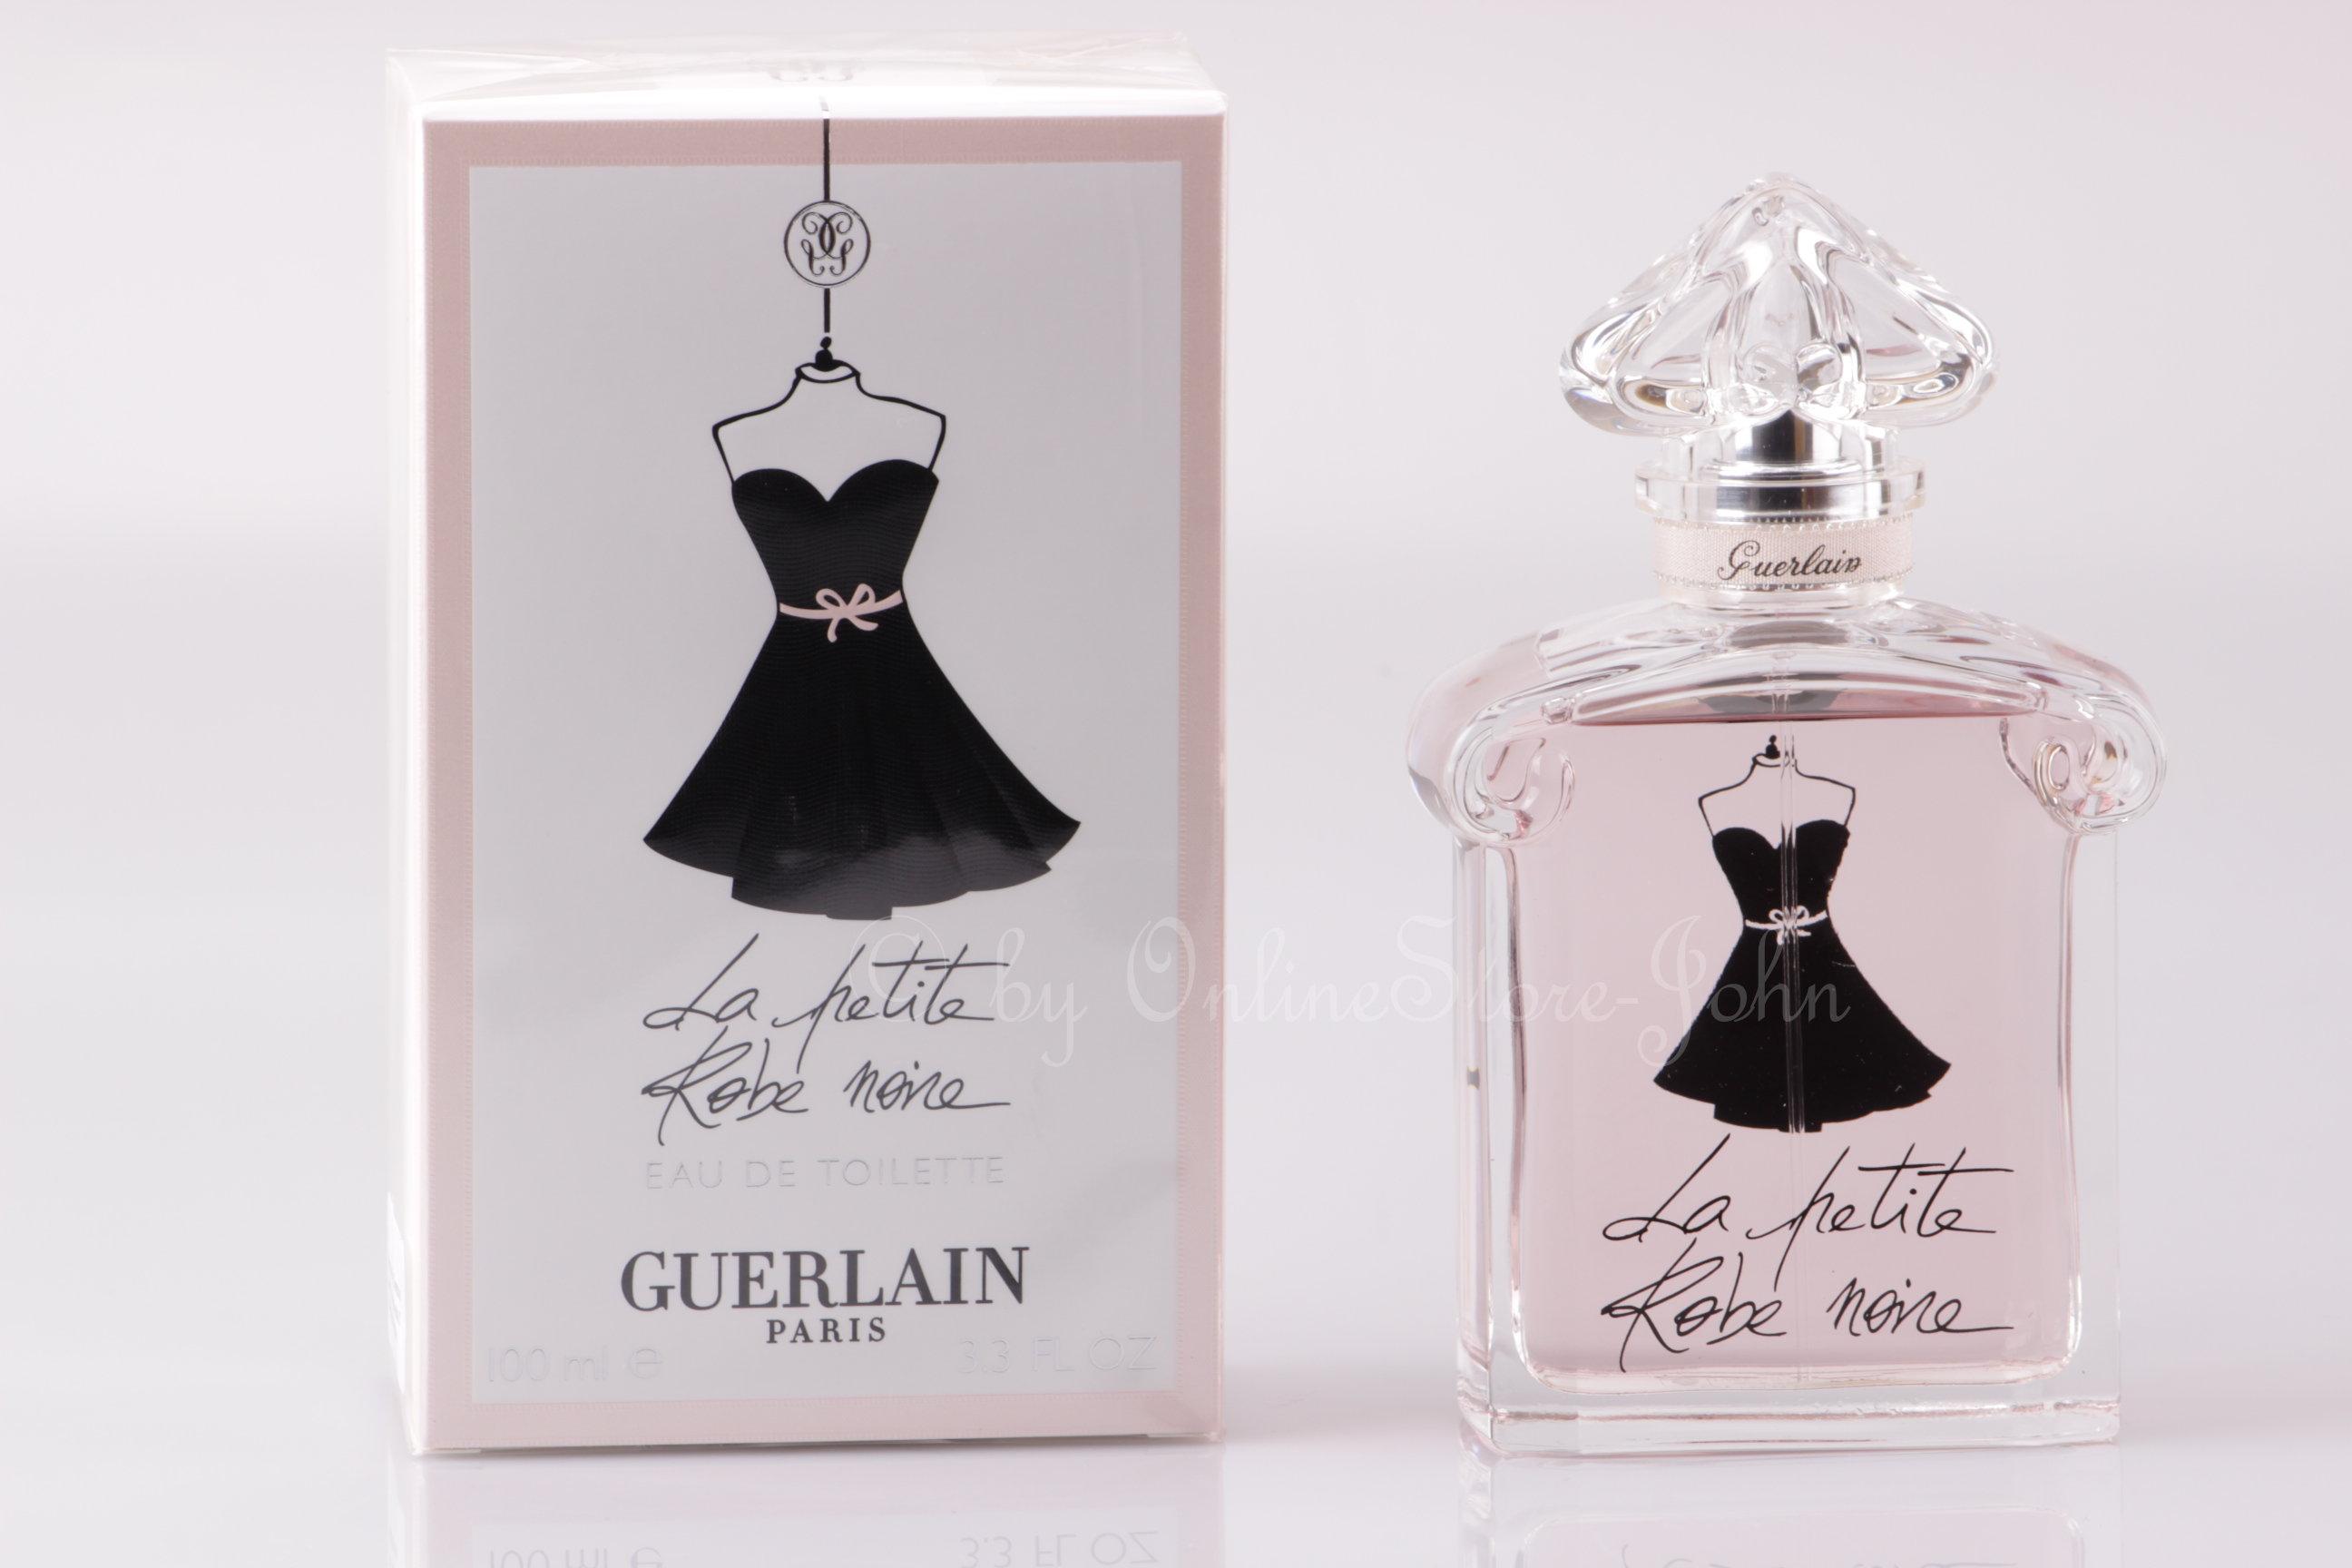 91aec7c0781 Guerlain - La Petite Robe Noire - 100ml EDT Eau de Toilette